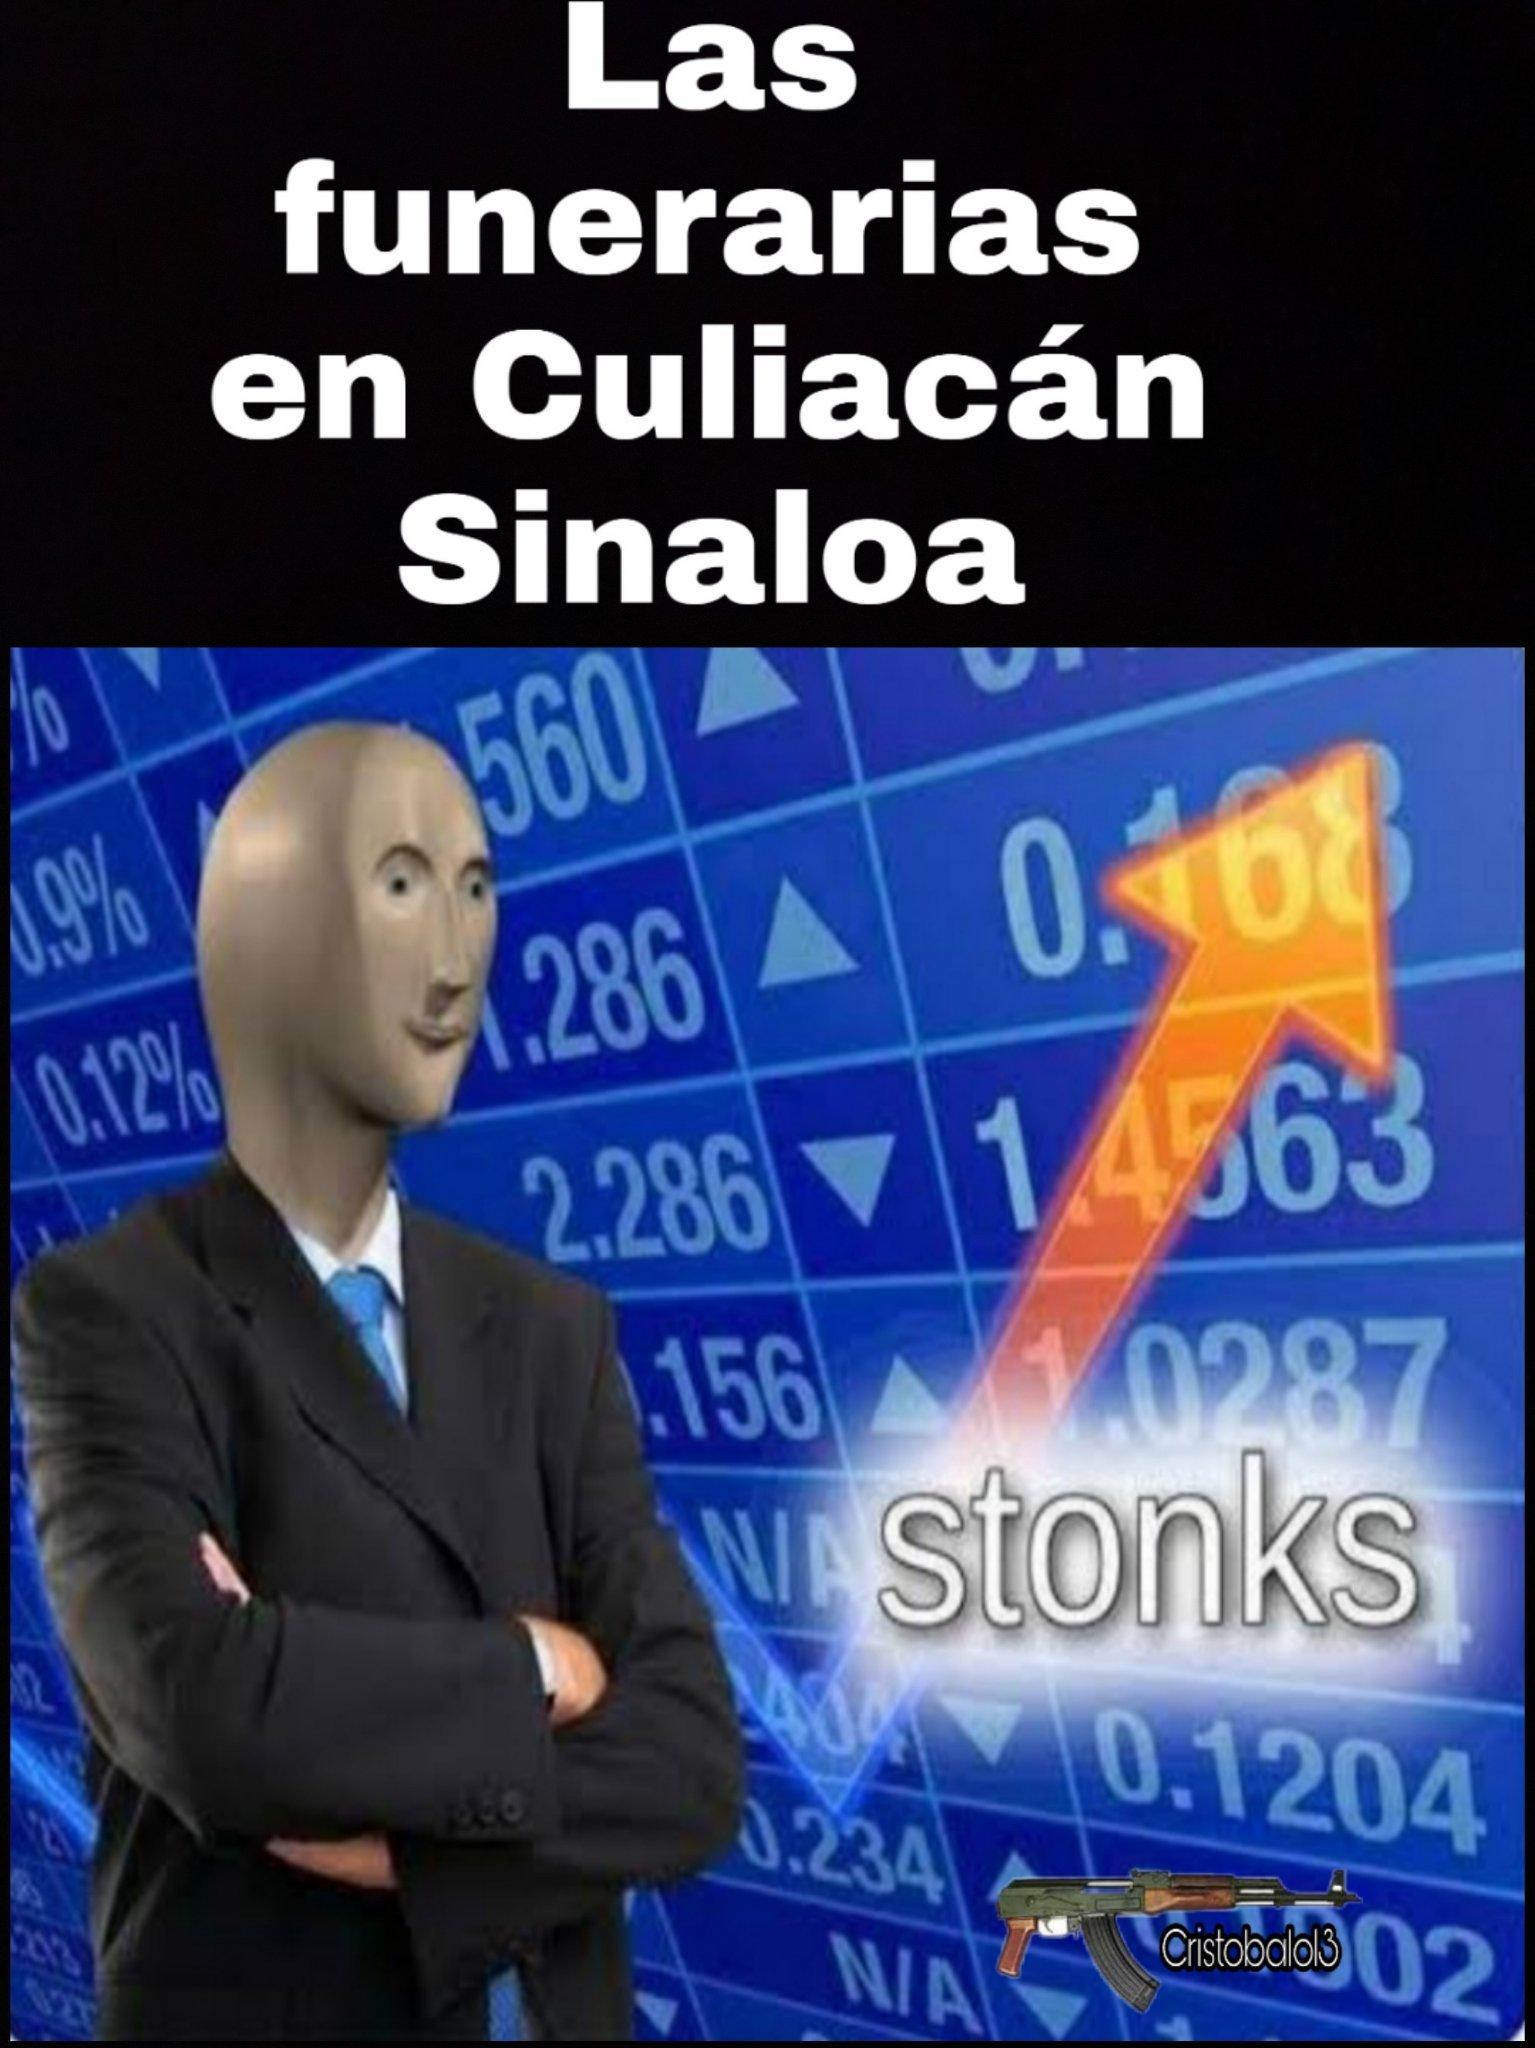 Buen momento para las funerarias en México - meme